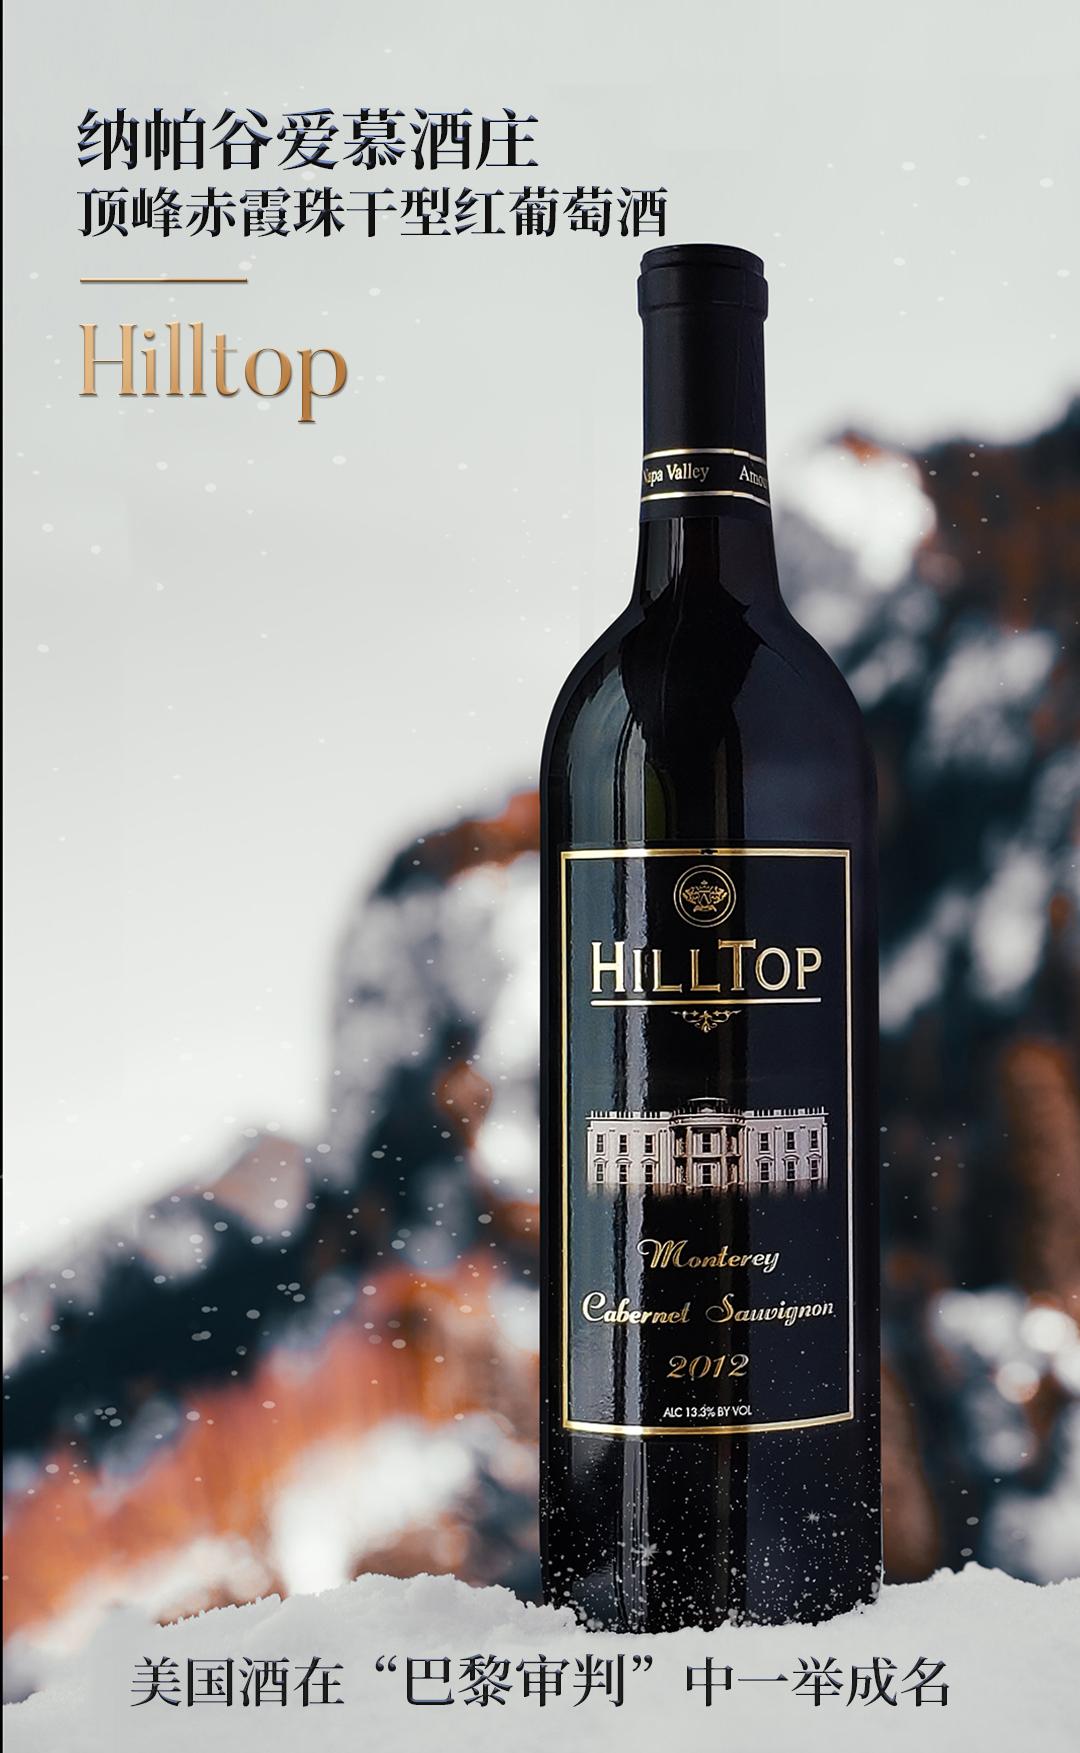 美国蒙特利爱慕酒庄顶峰加州赤霞珠干红葡萄酒(爱慕酒庄)